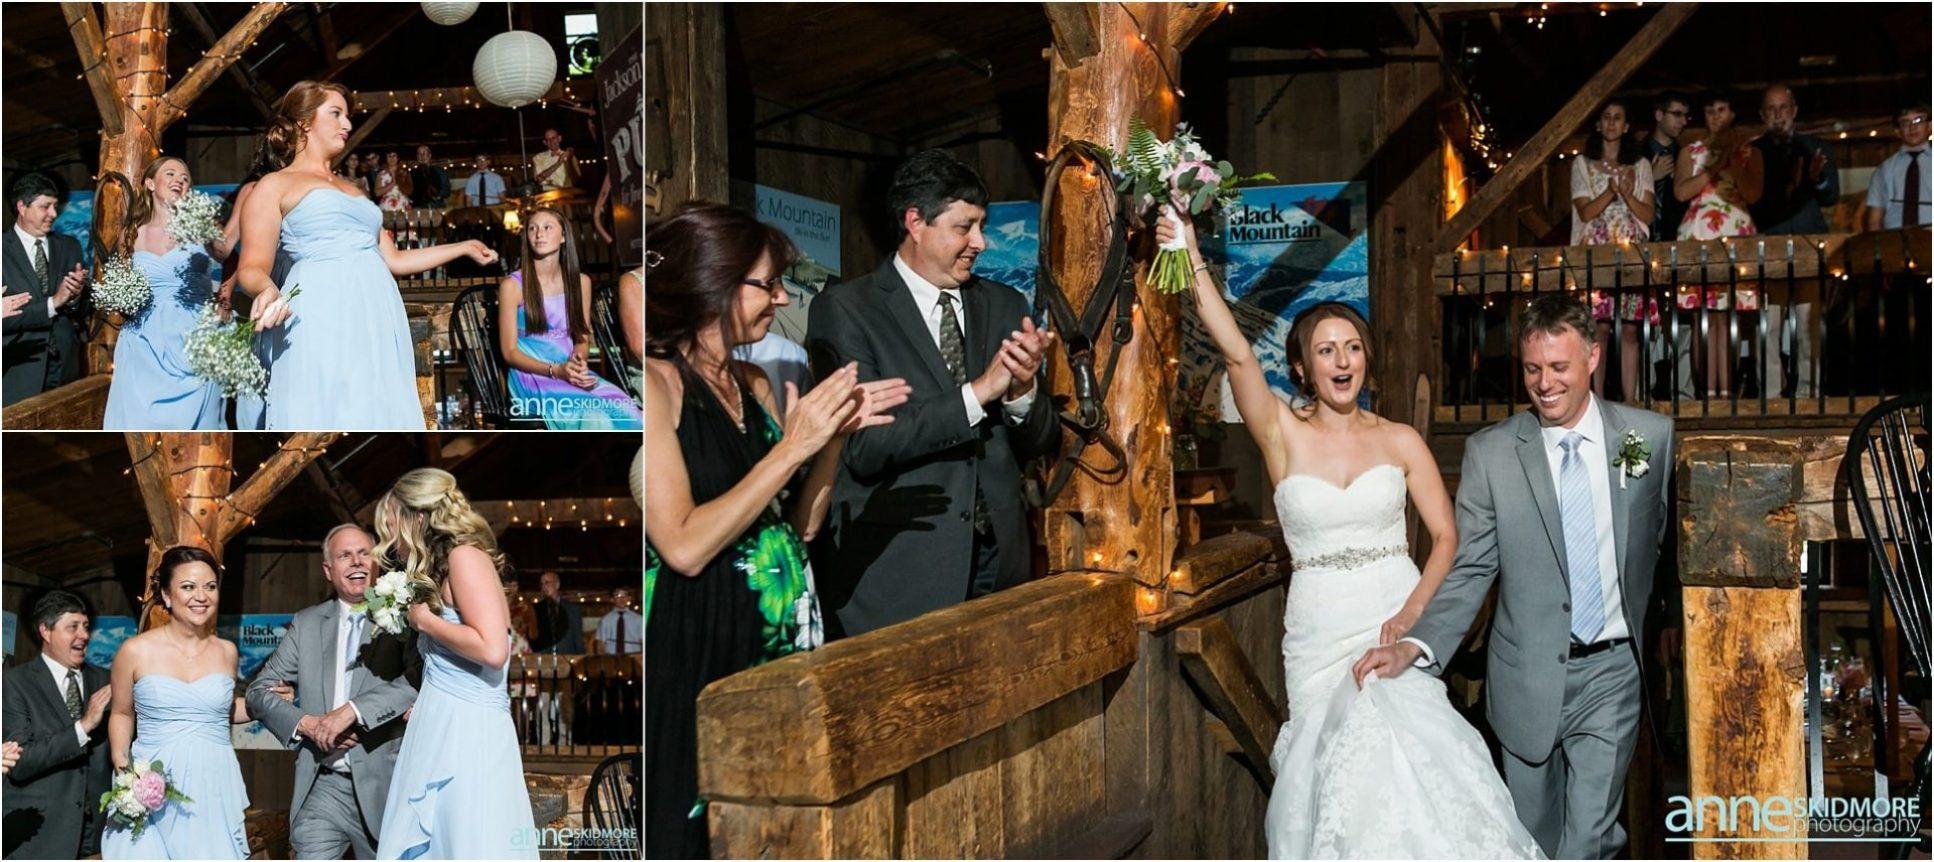 Whitneys_Inn_Wedding_0043